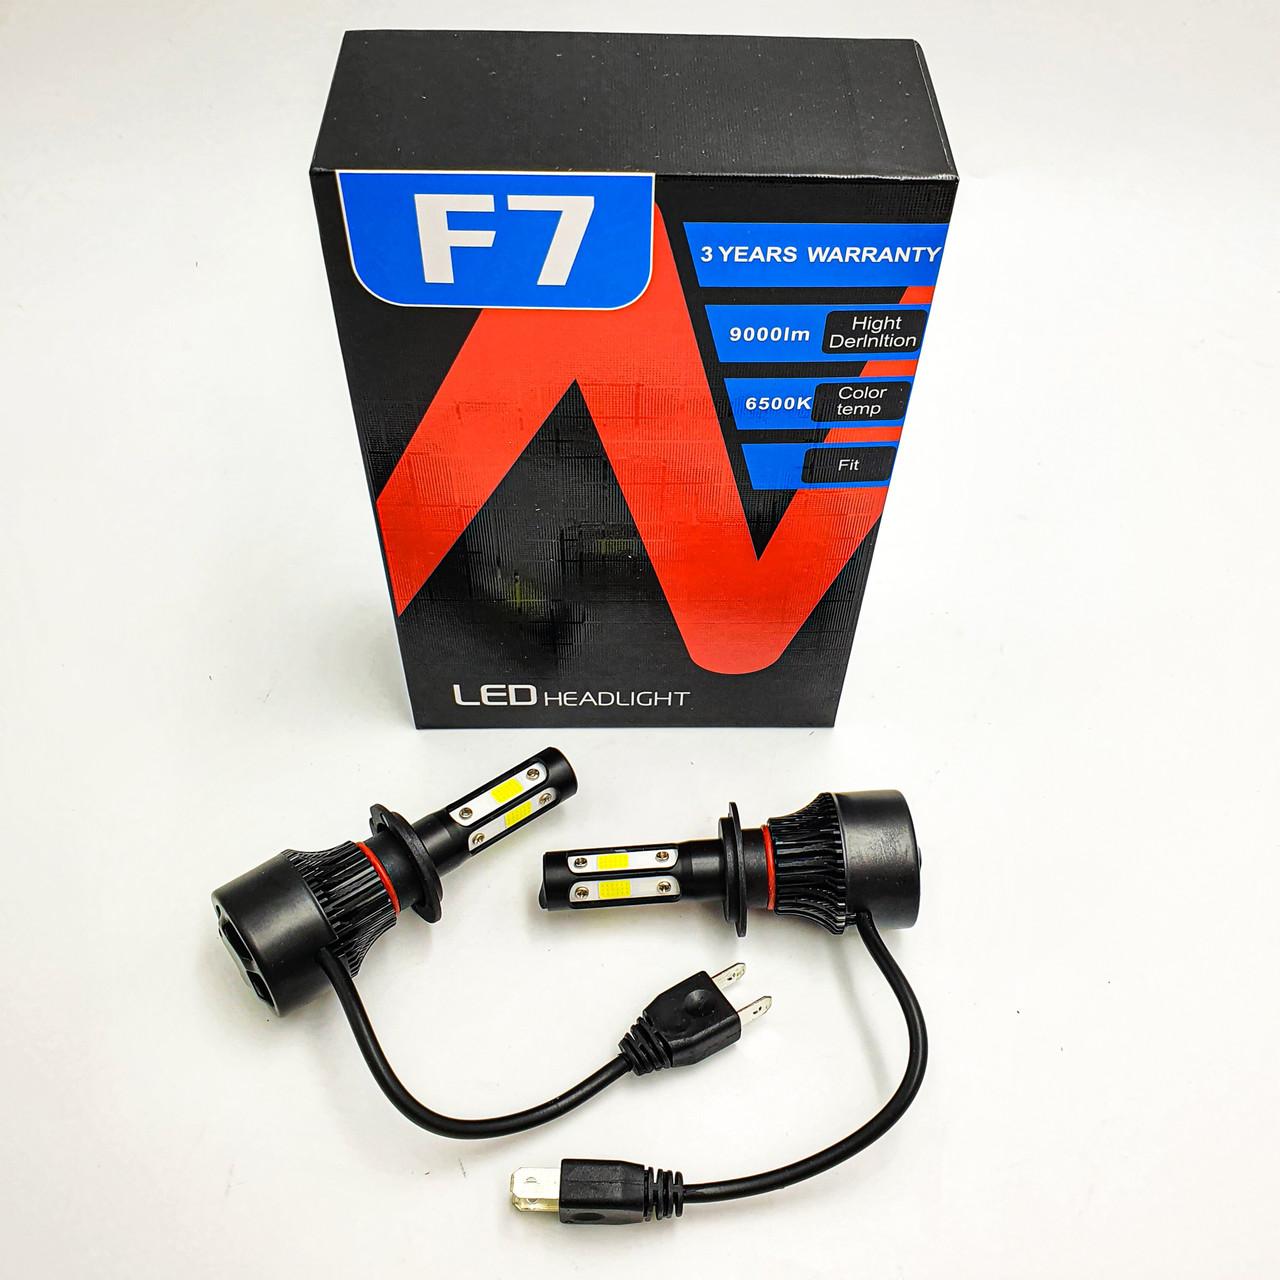 Комплект LED ламп головного світла H7 6500K 35W 12/24v з активним охолодженням HeadLight F7 2шт